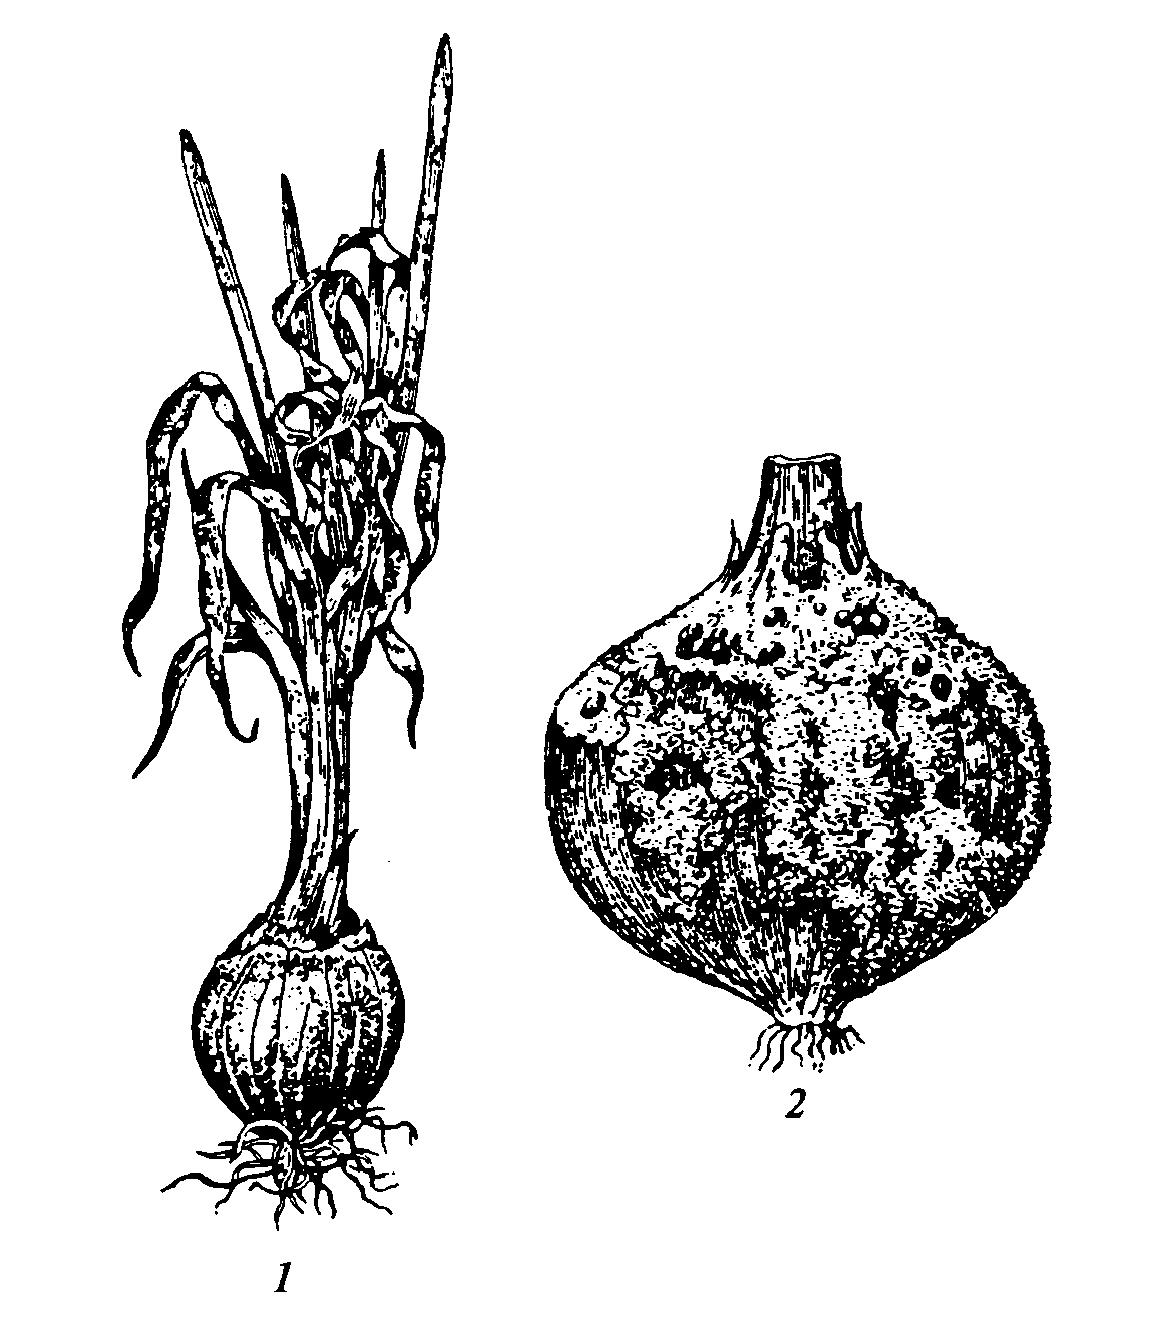 Лечение облысения народными средствами: масла, мази, травы